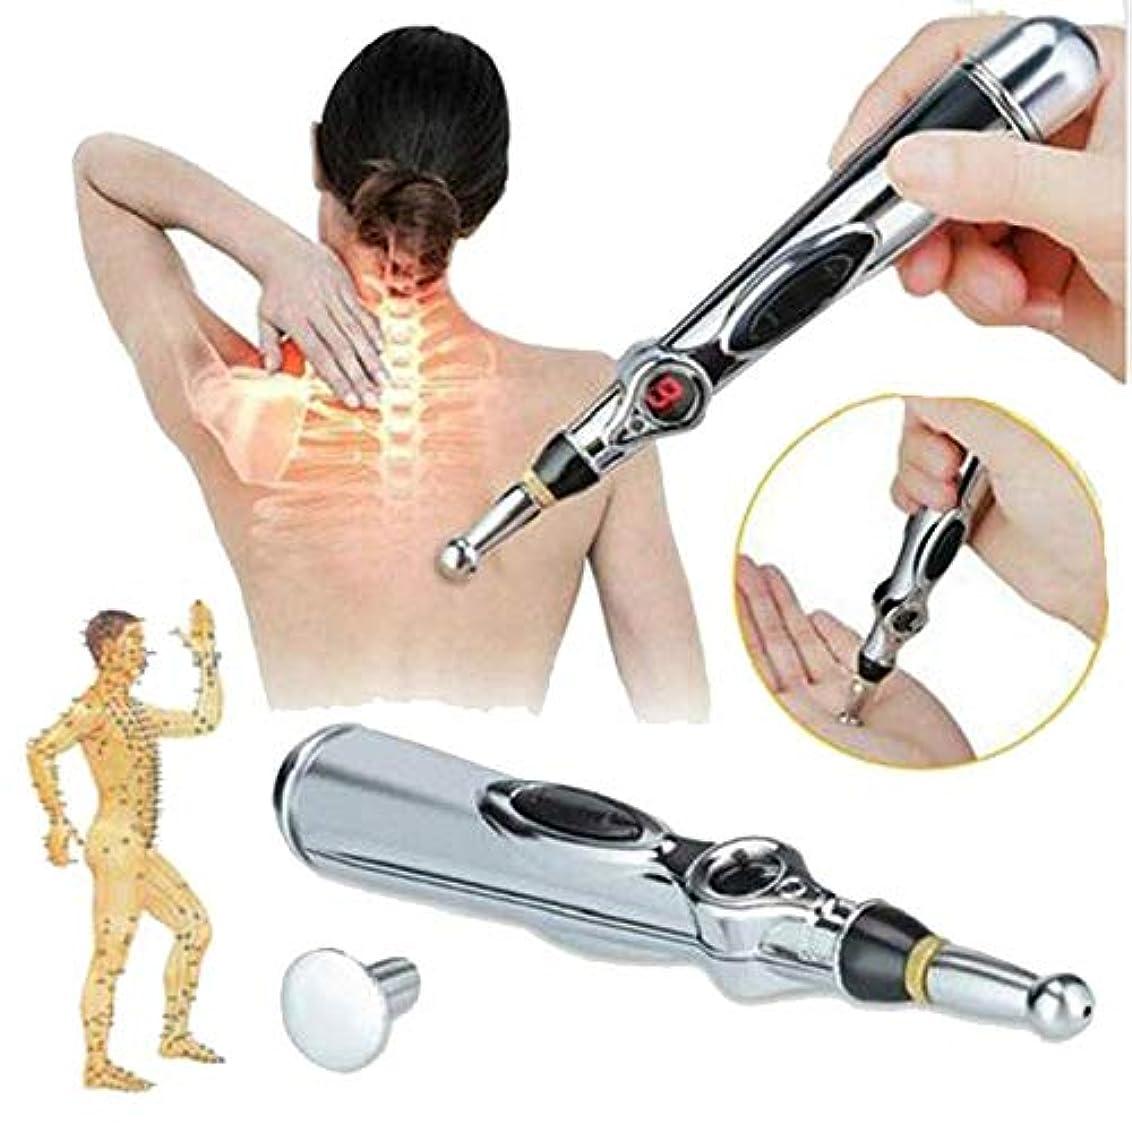 メンダシティ交換笑い電子鍼ペン、電子経絡レーザー治療、マッサージペン、経絡エネルギーペン、痛み緩和ツール